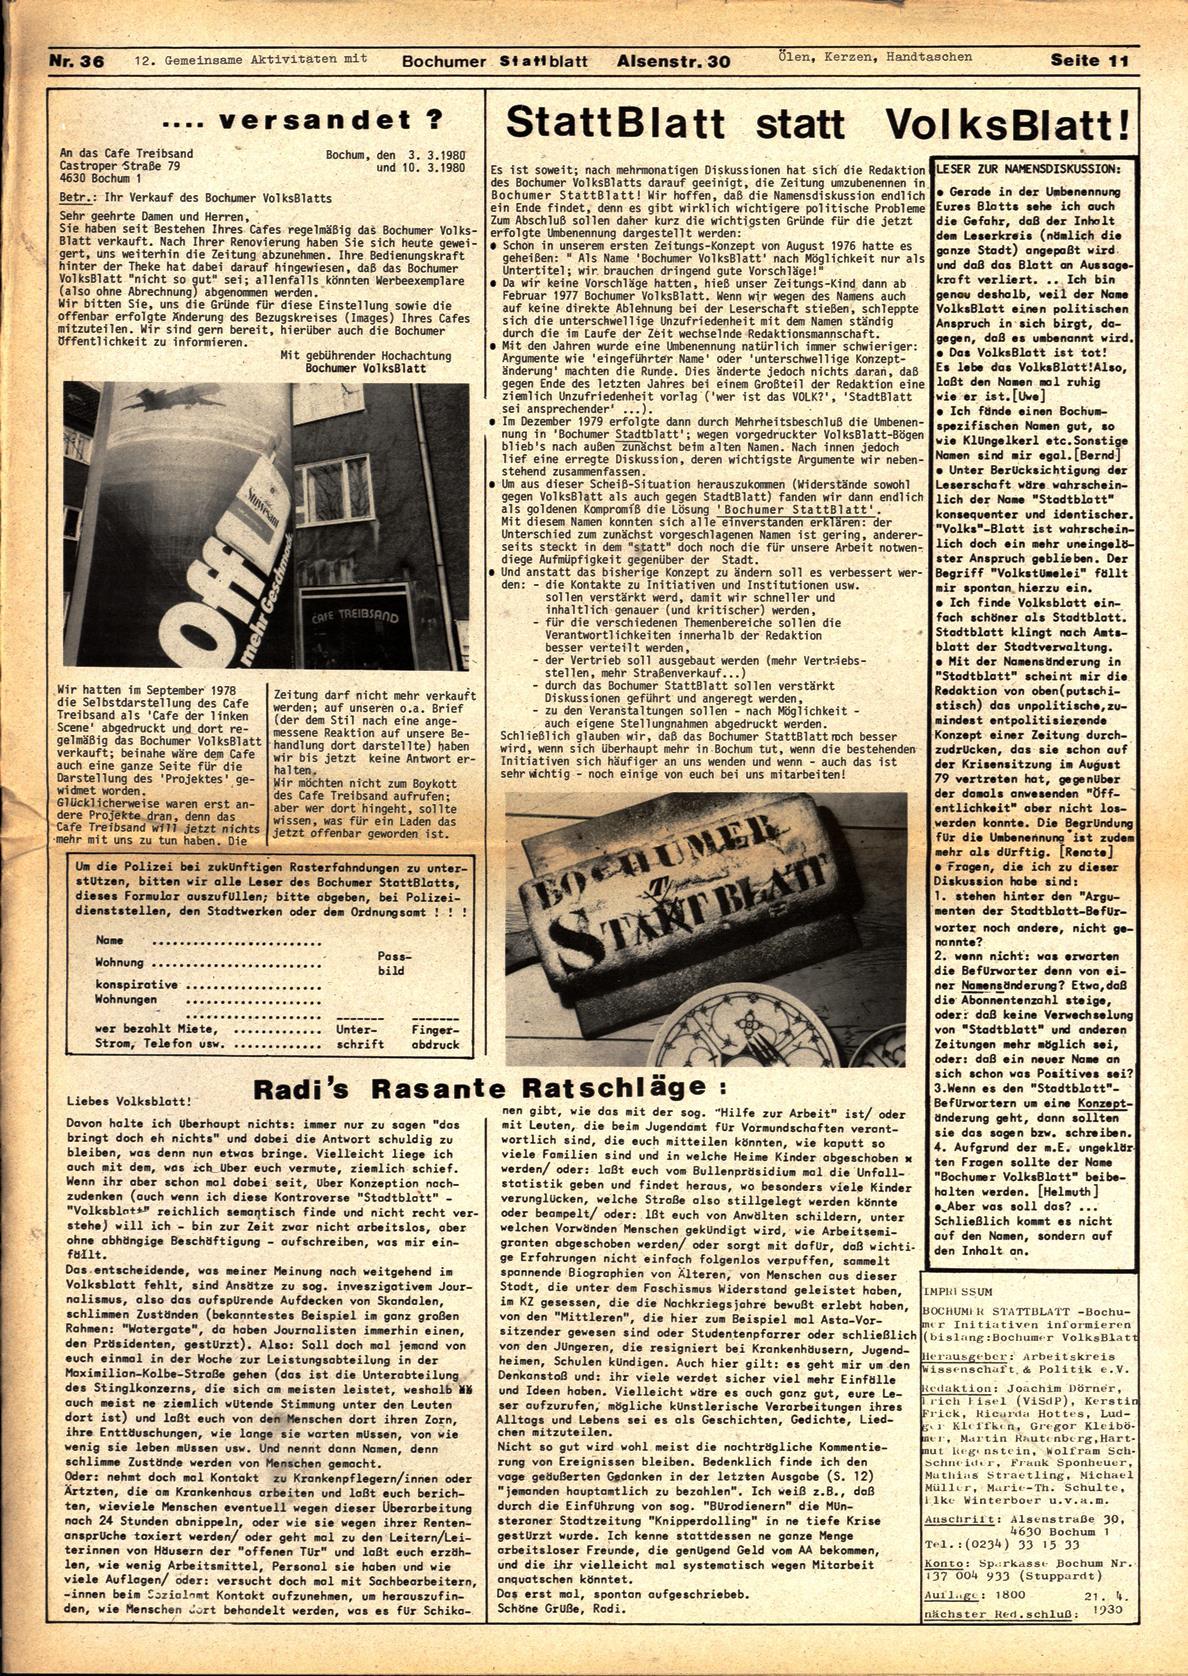 Bochum_Stattblatt_19800400_36_11